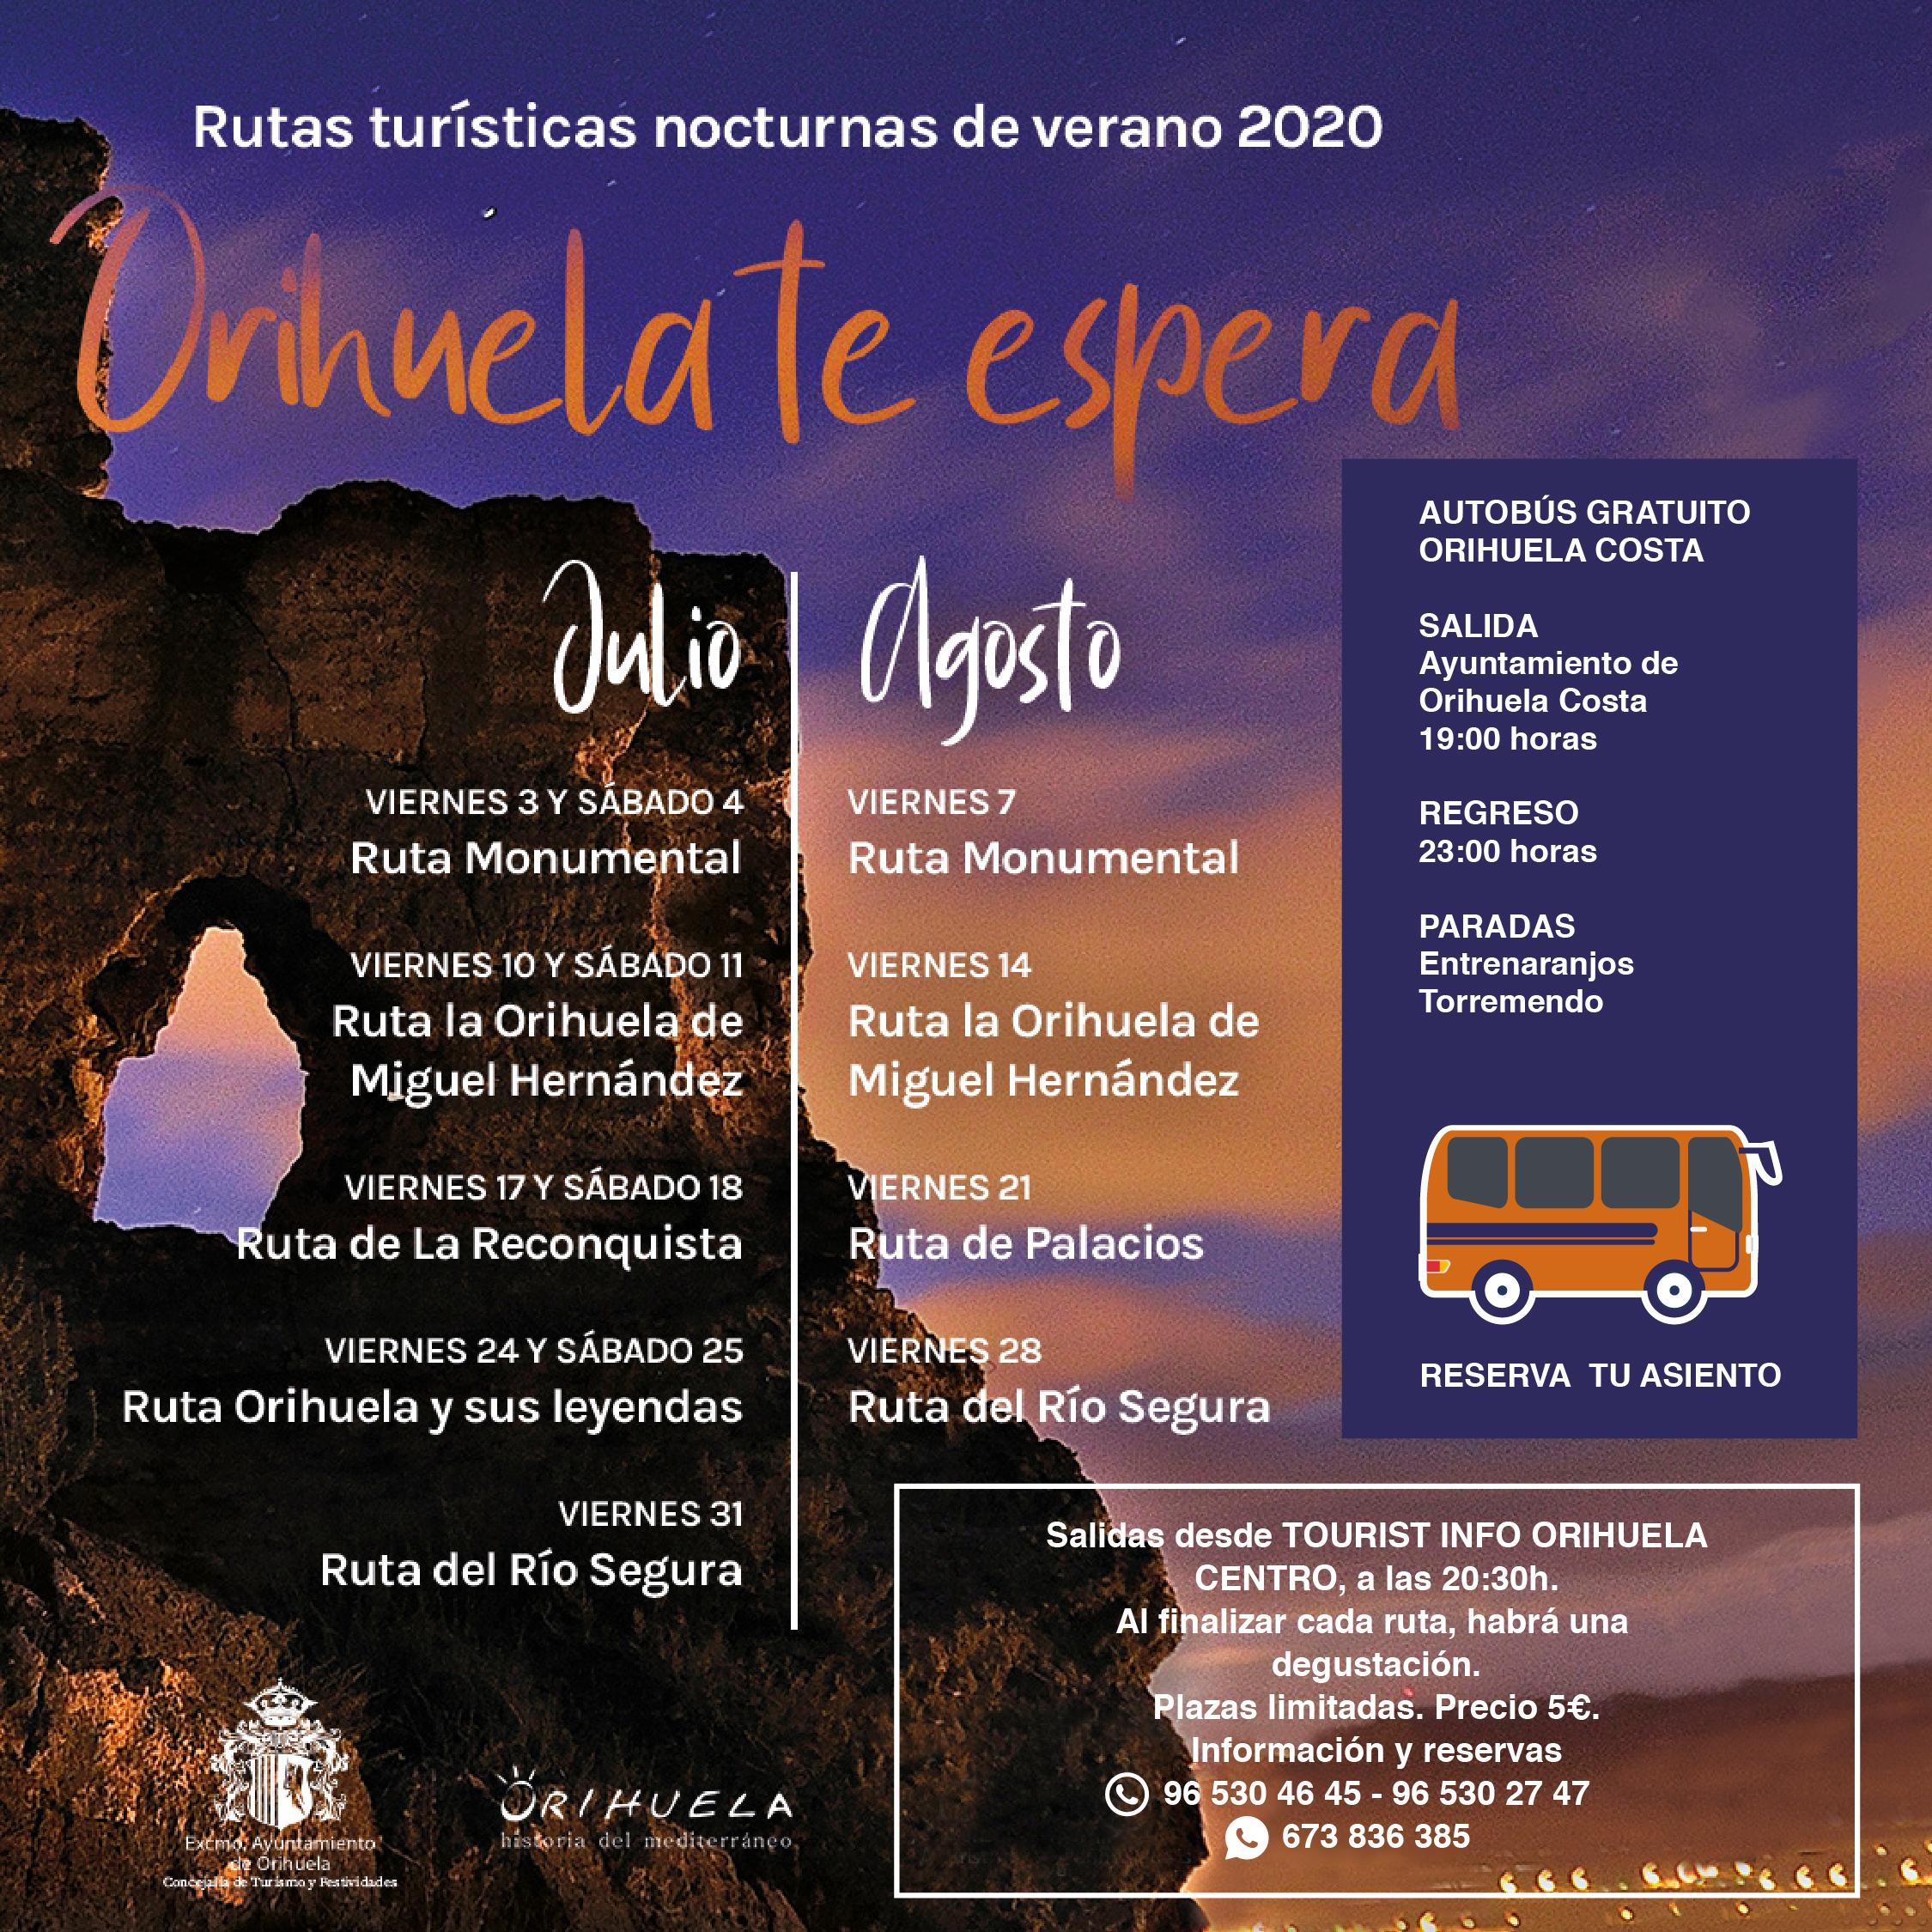 ruta turistica nocturna Orihuela